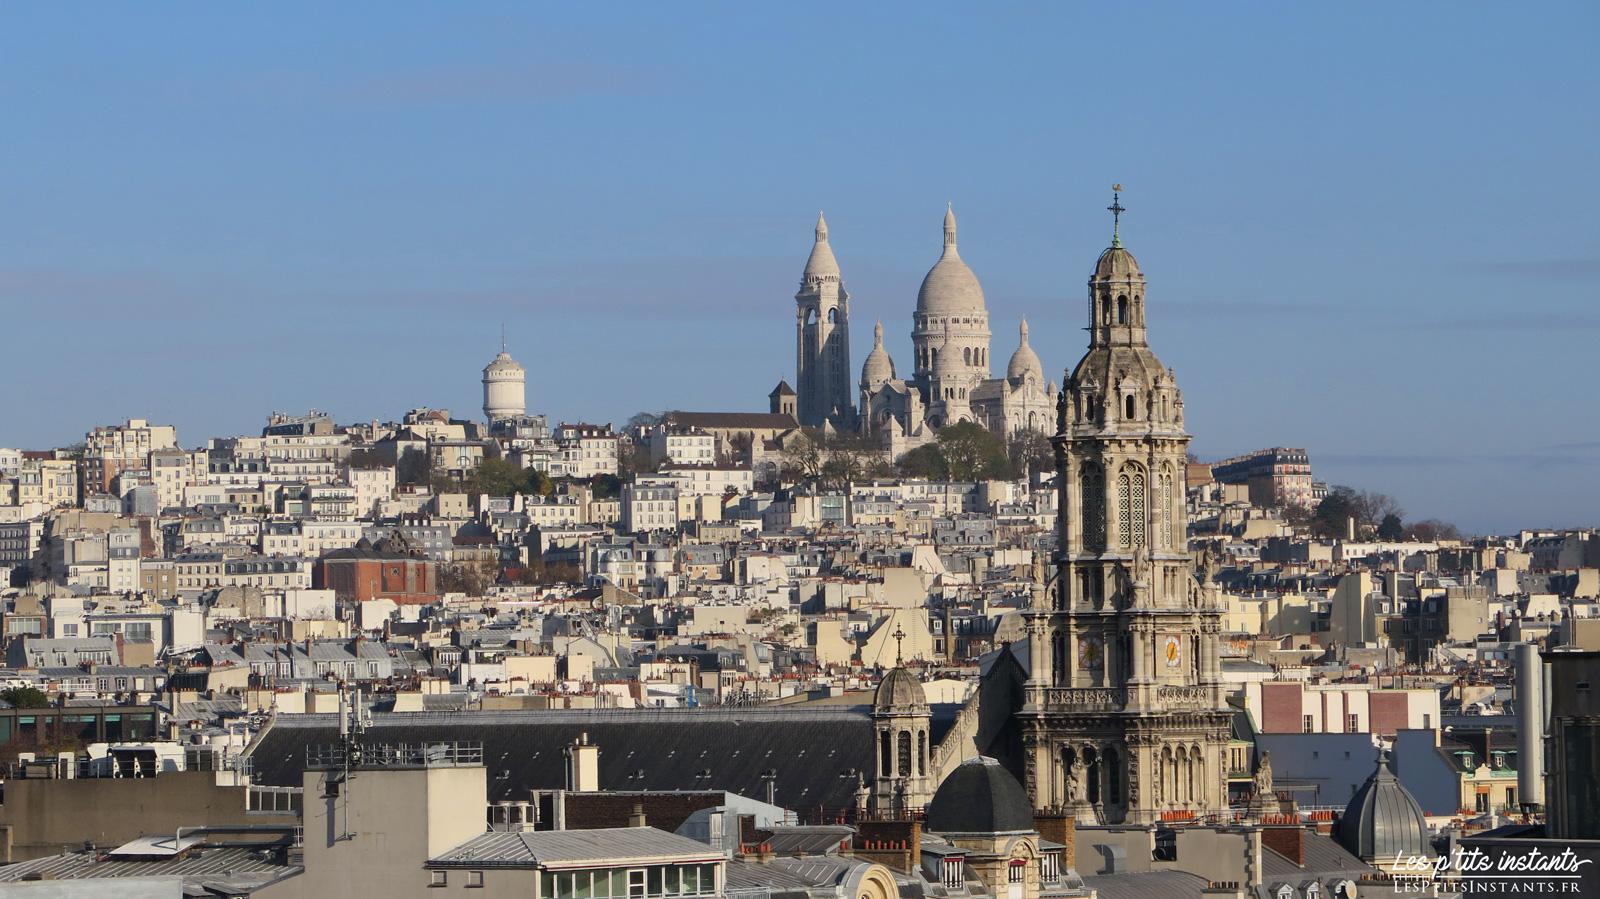 L'Eglise de la Trinité et la Basilique du Sacré Cœur de Montmartre, depuis la terrasse panoramique du Printemps